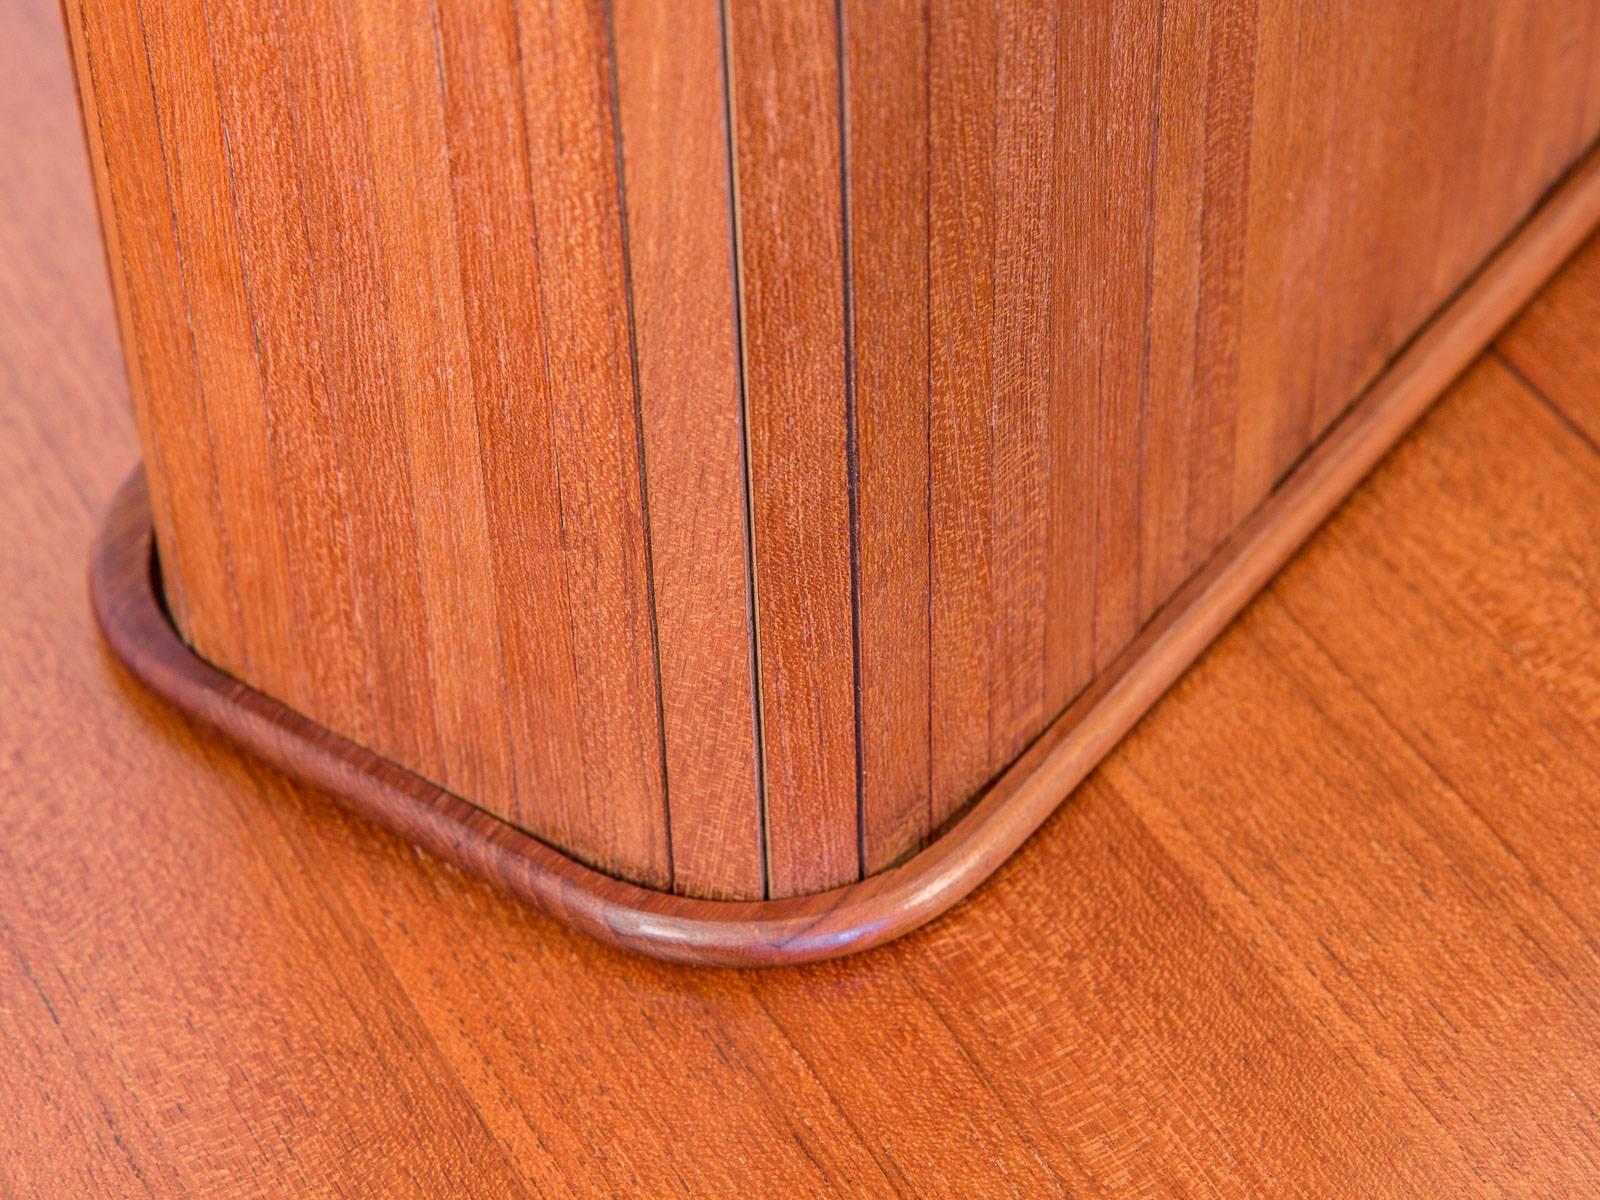 Wall Mounted Tambour Door Shelf For Sale 1